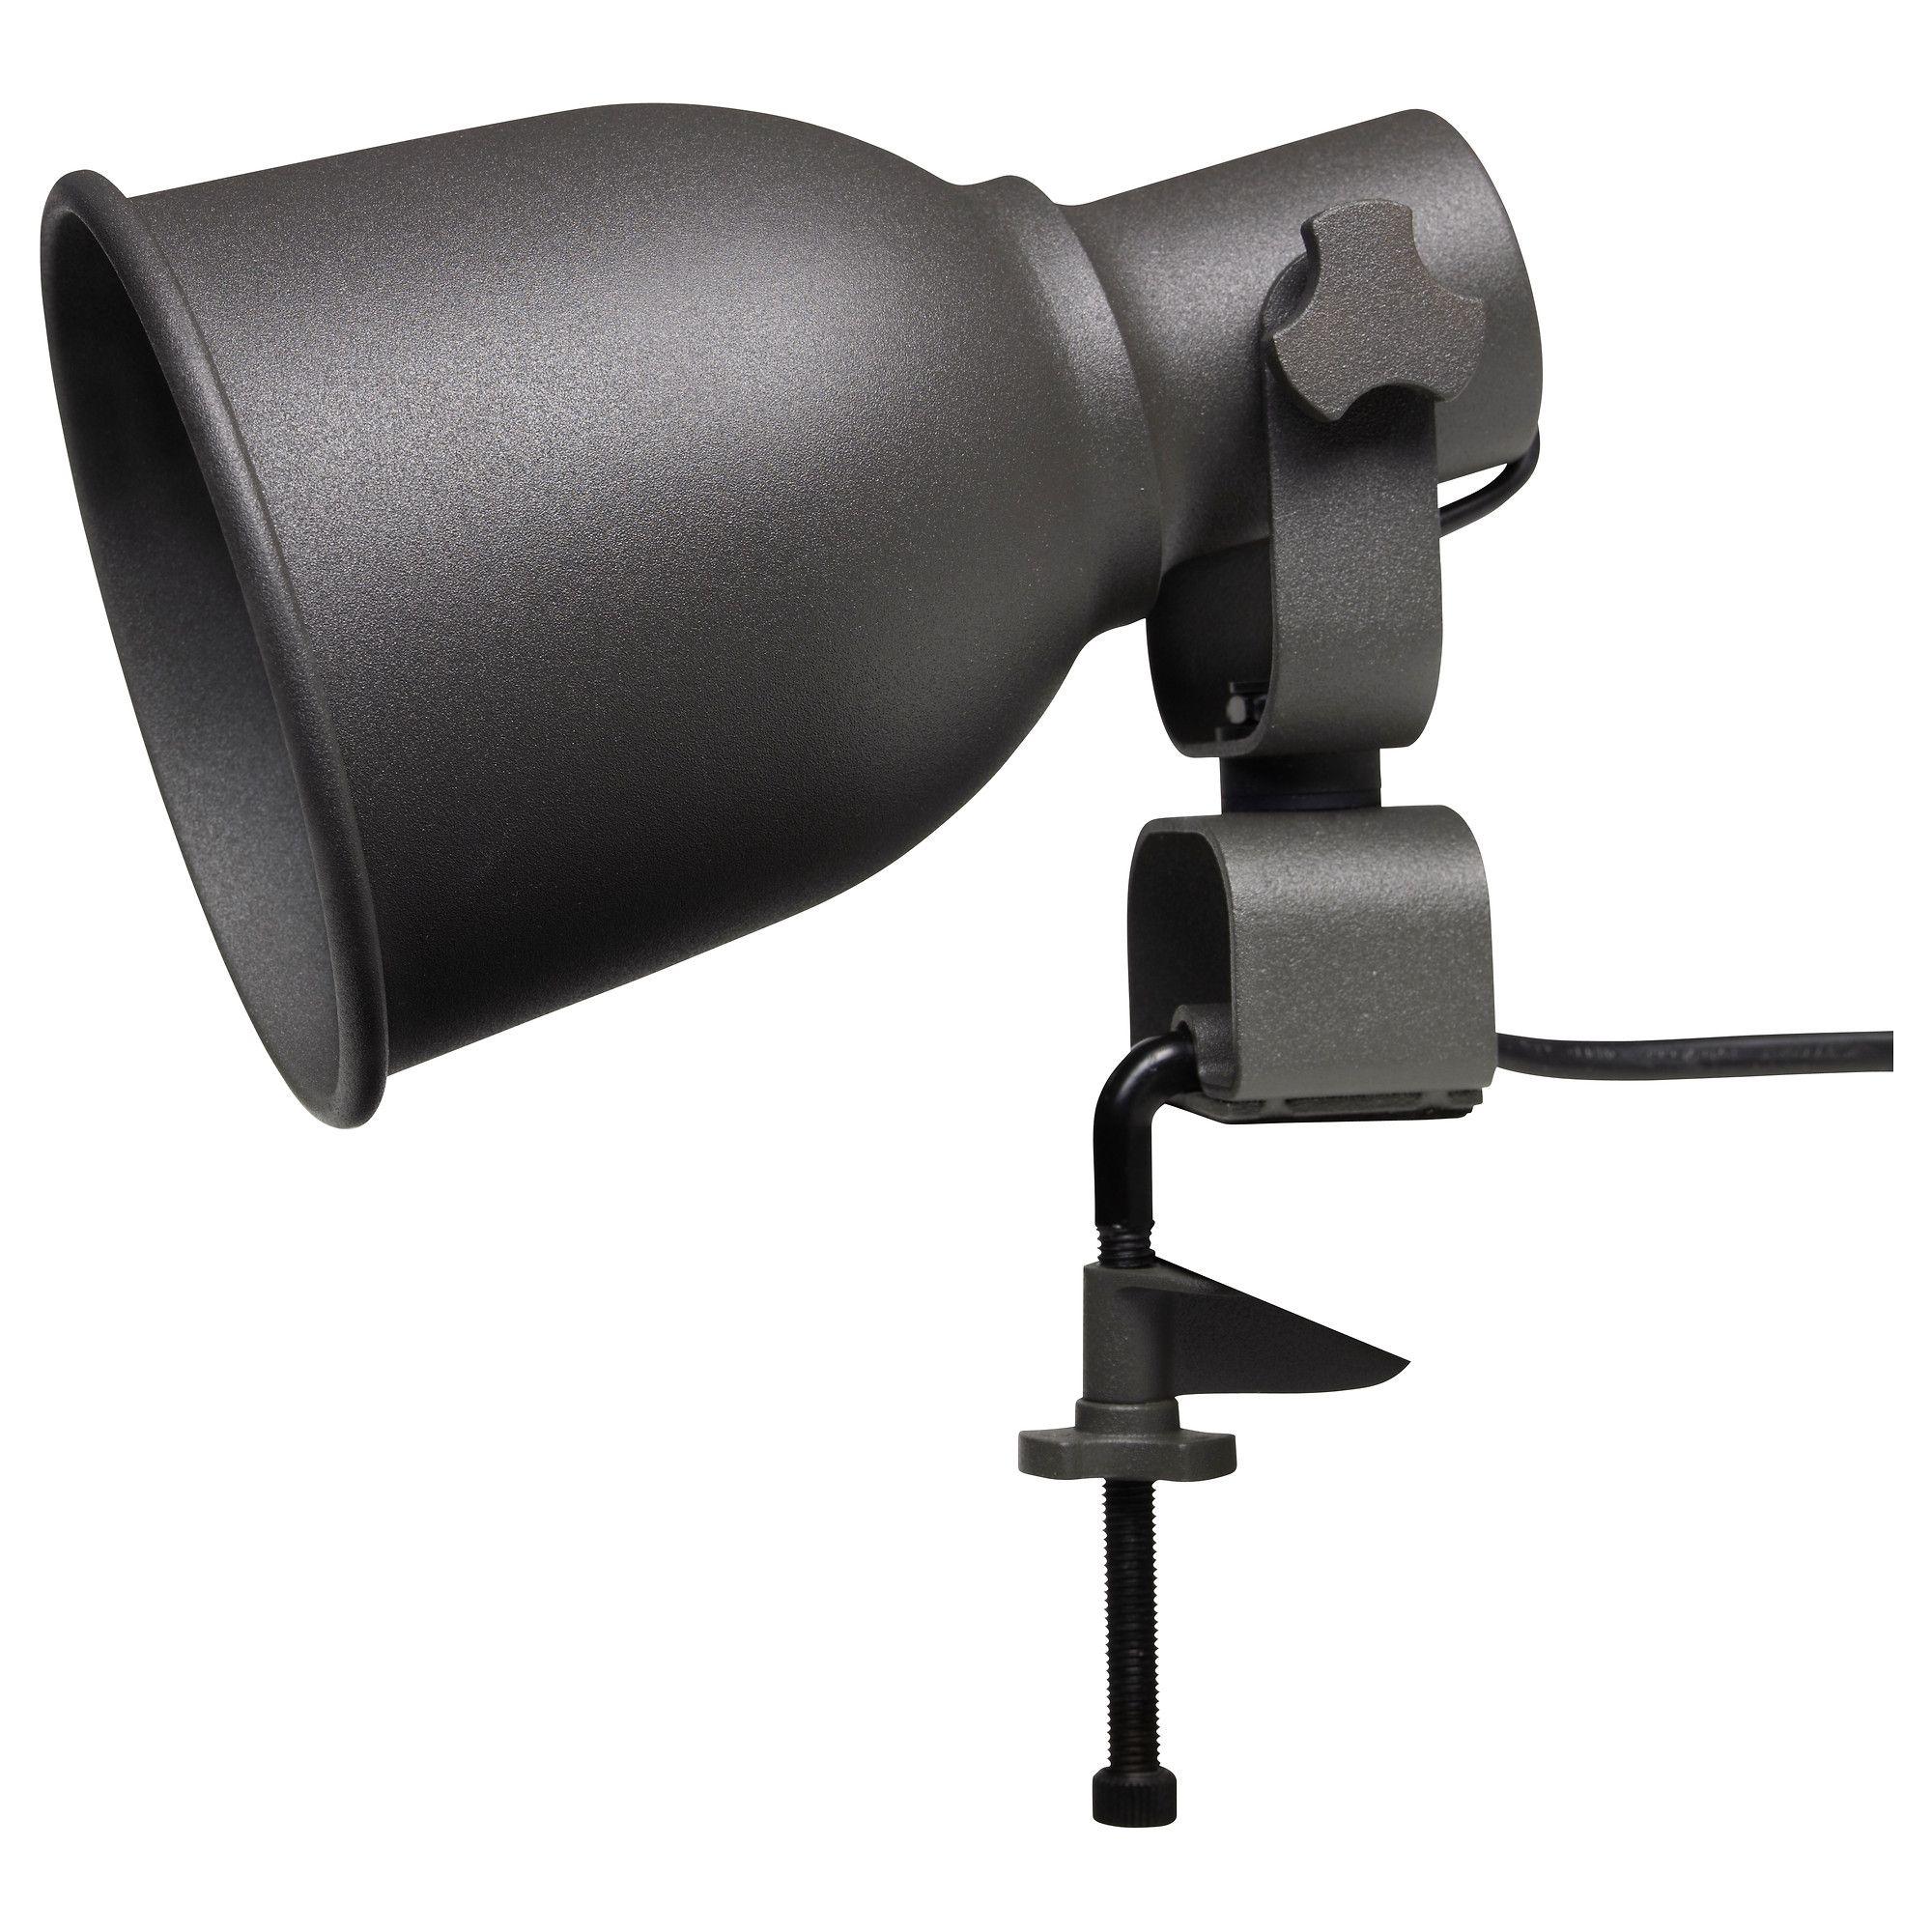 HEKTAR Wallclamp spotlight IKEA | Wall lamp, Clamp lamp, Ikea